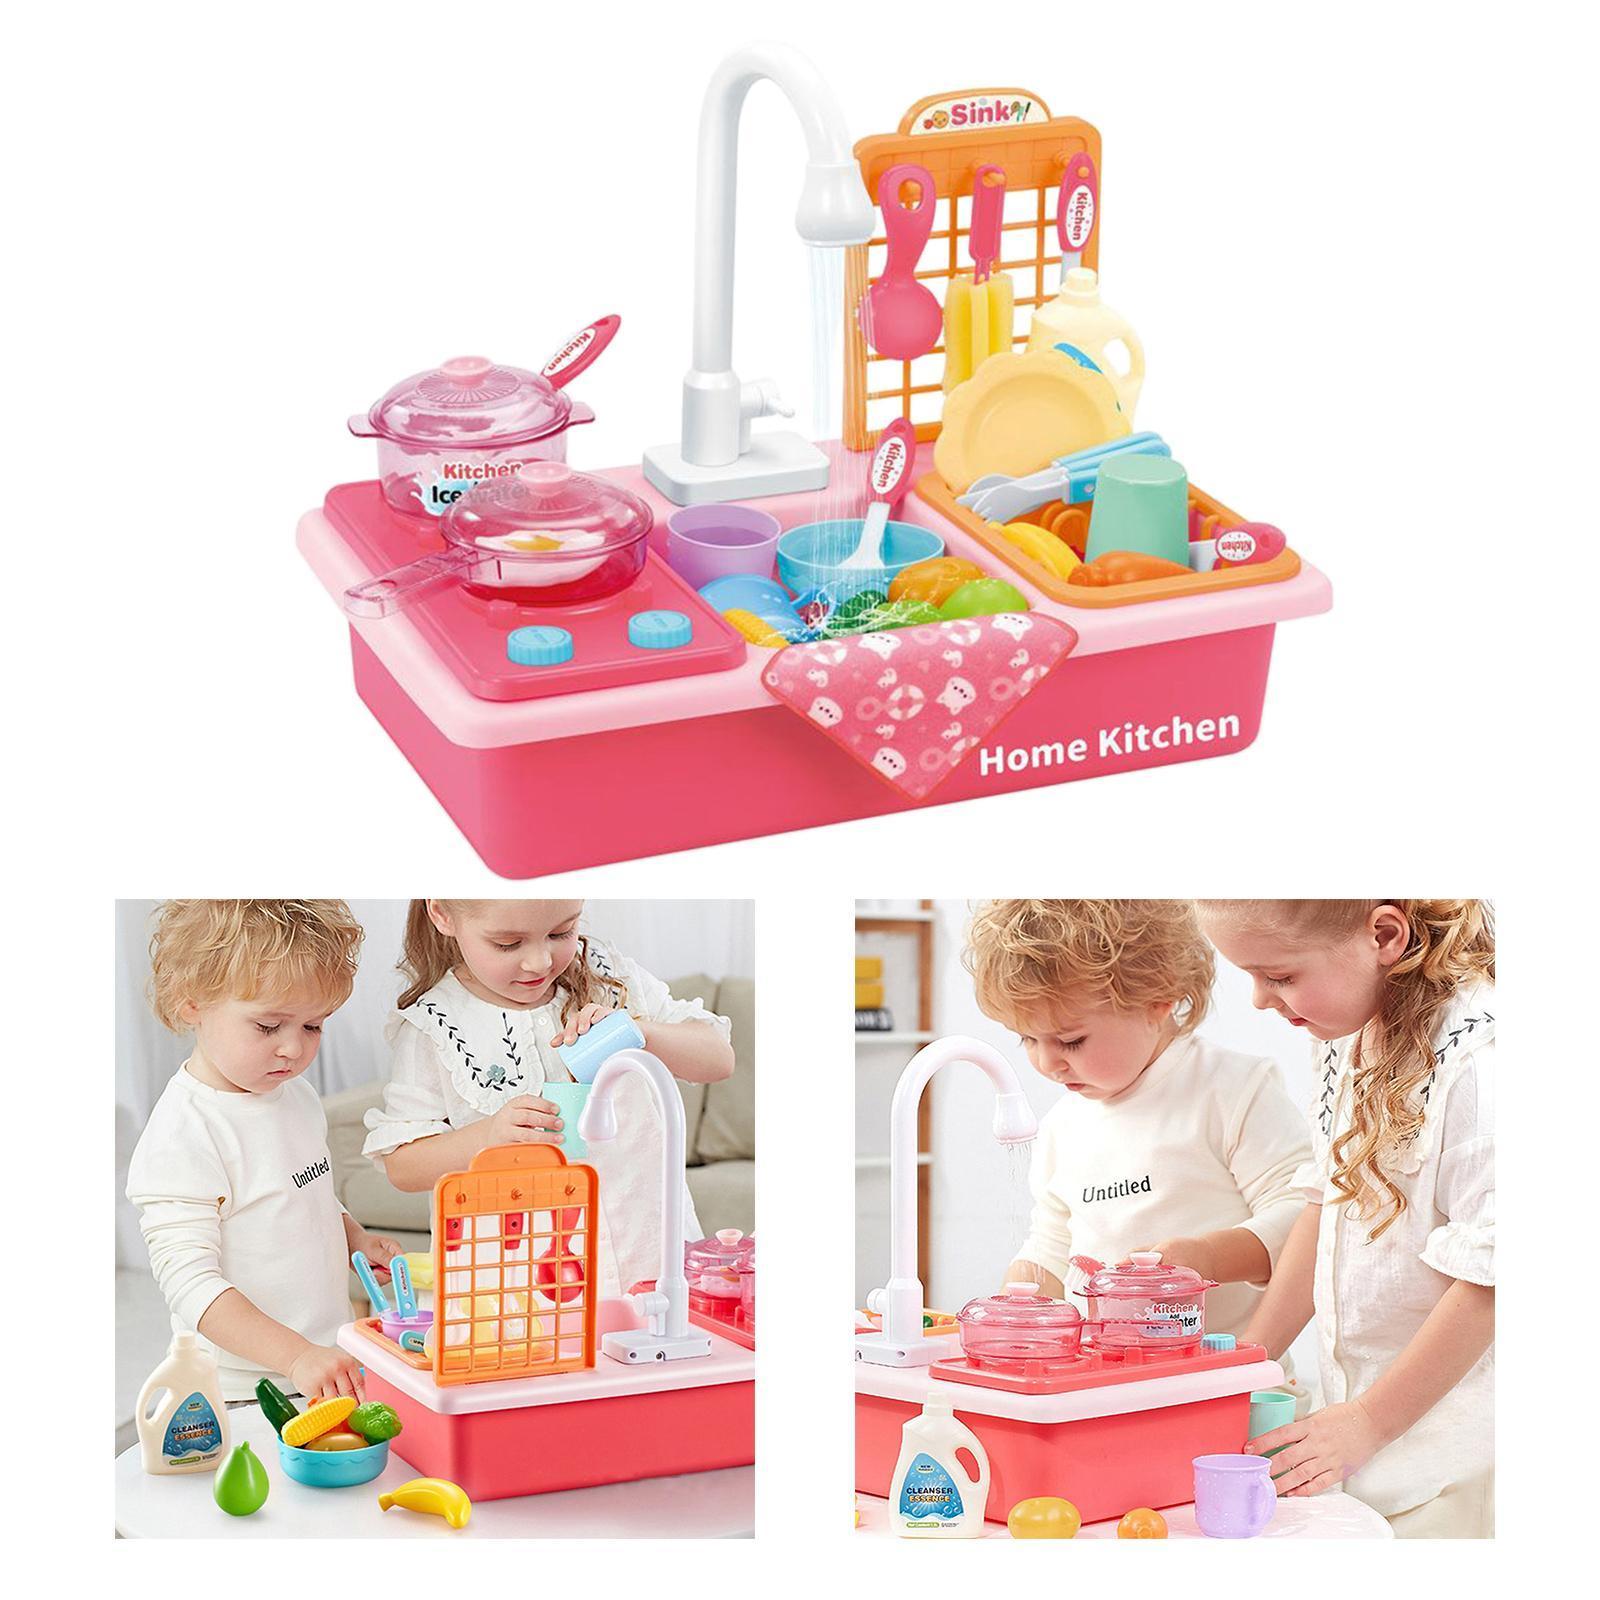 Indexbild 29 - Kinder-Kueche-Spielen-Waschbecken-Spielzeug-Automatische-Wasser-Zyklus-System